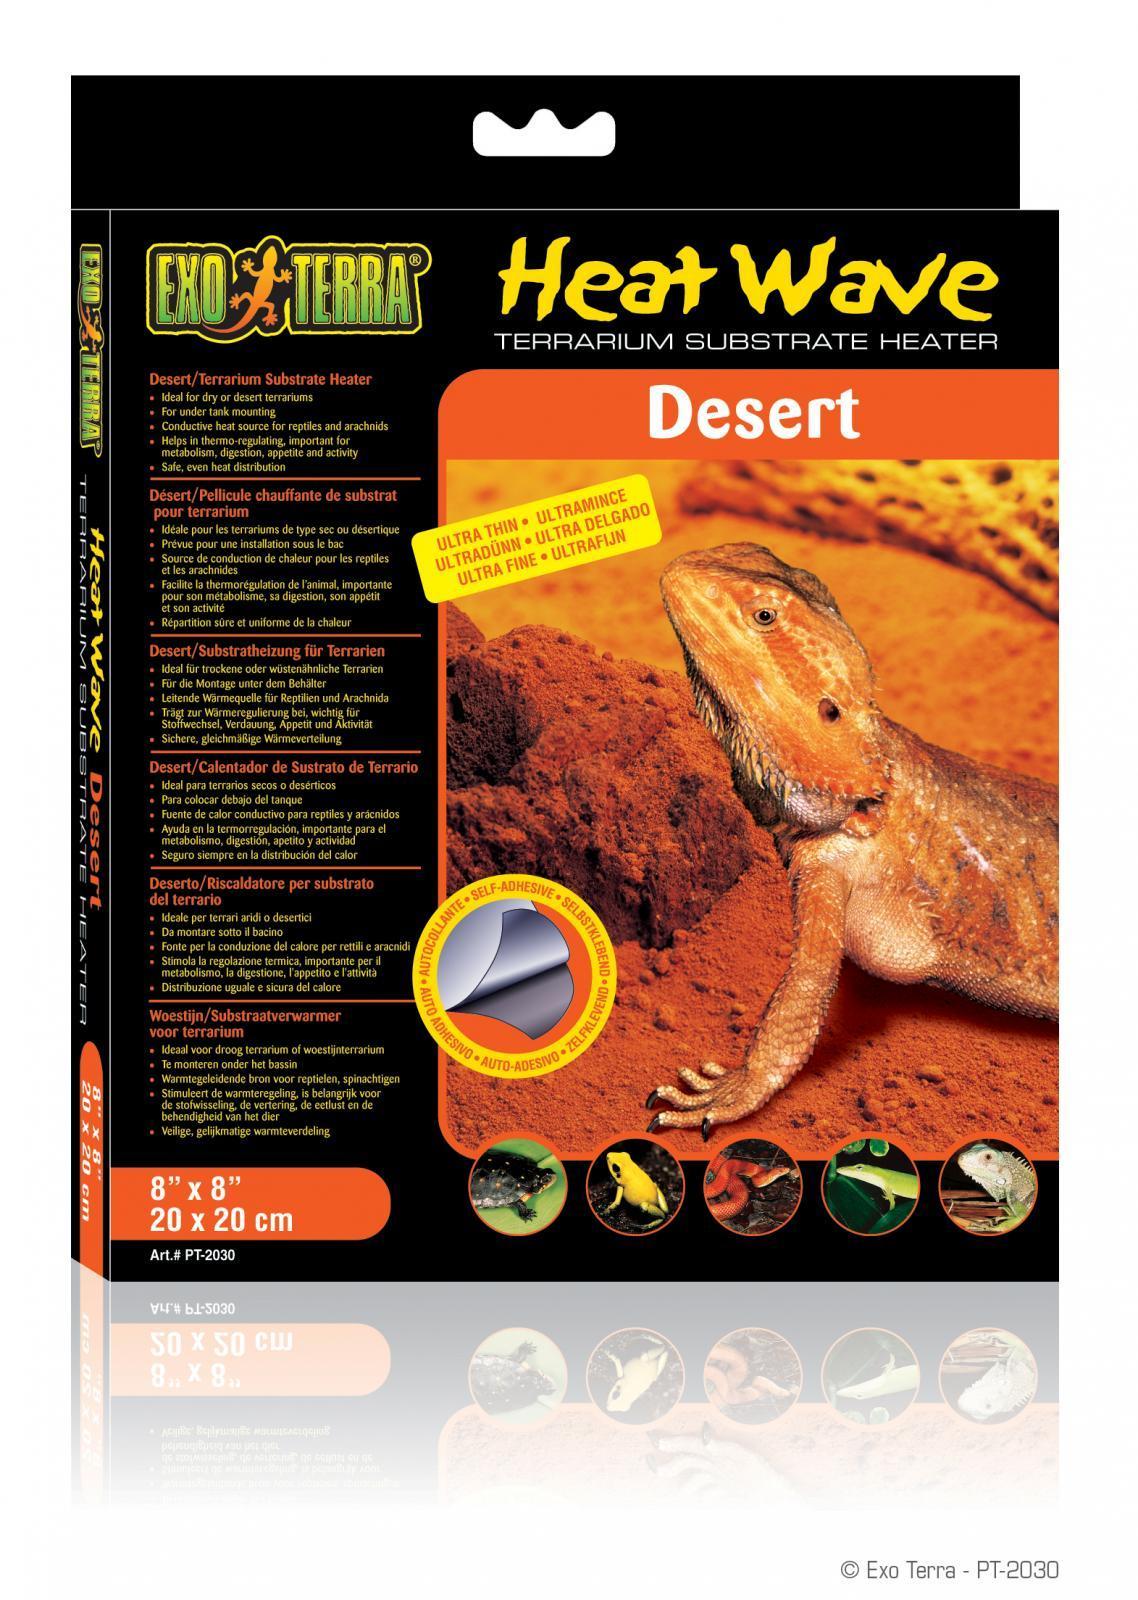 Heat Wave Desert, Manta Térmica Para Terrarios Deserticos, Exo Terra